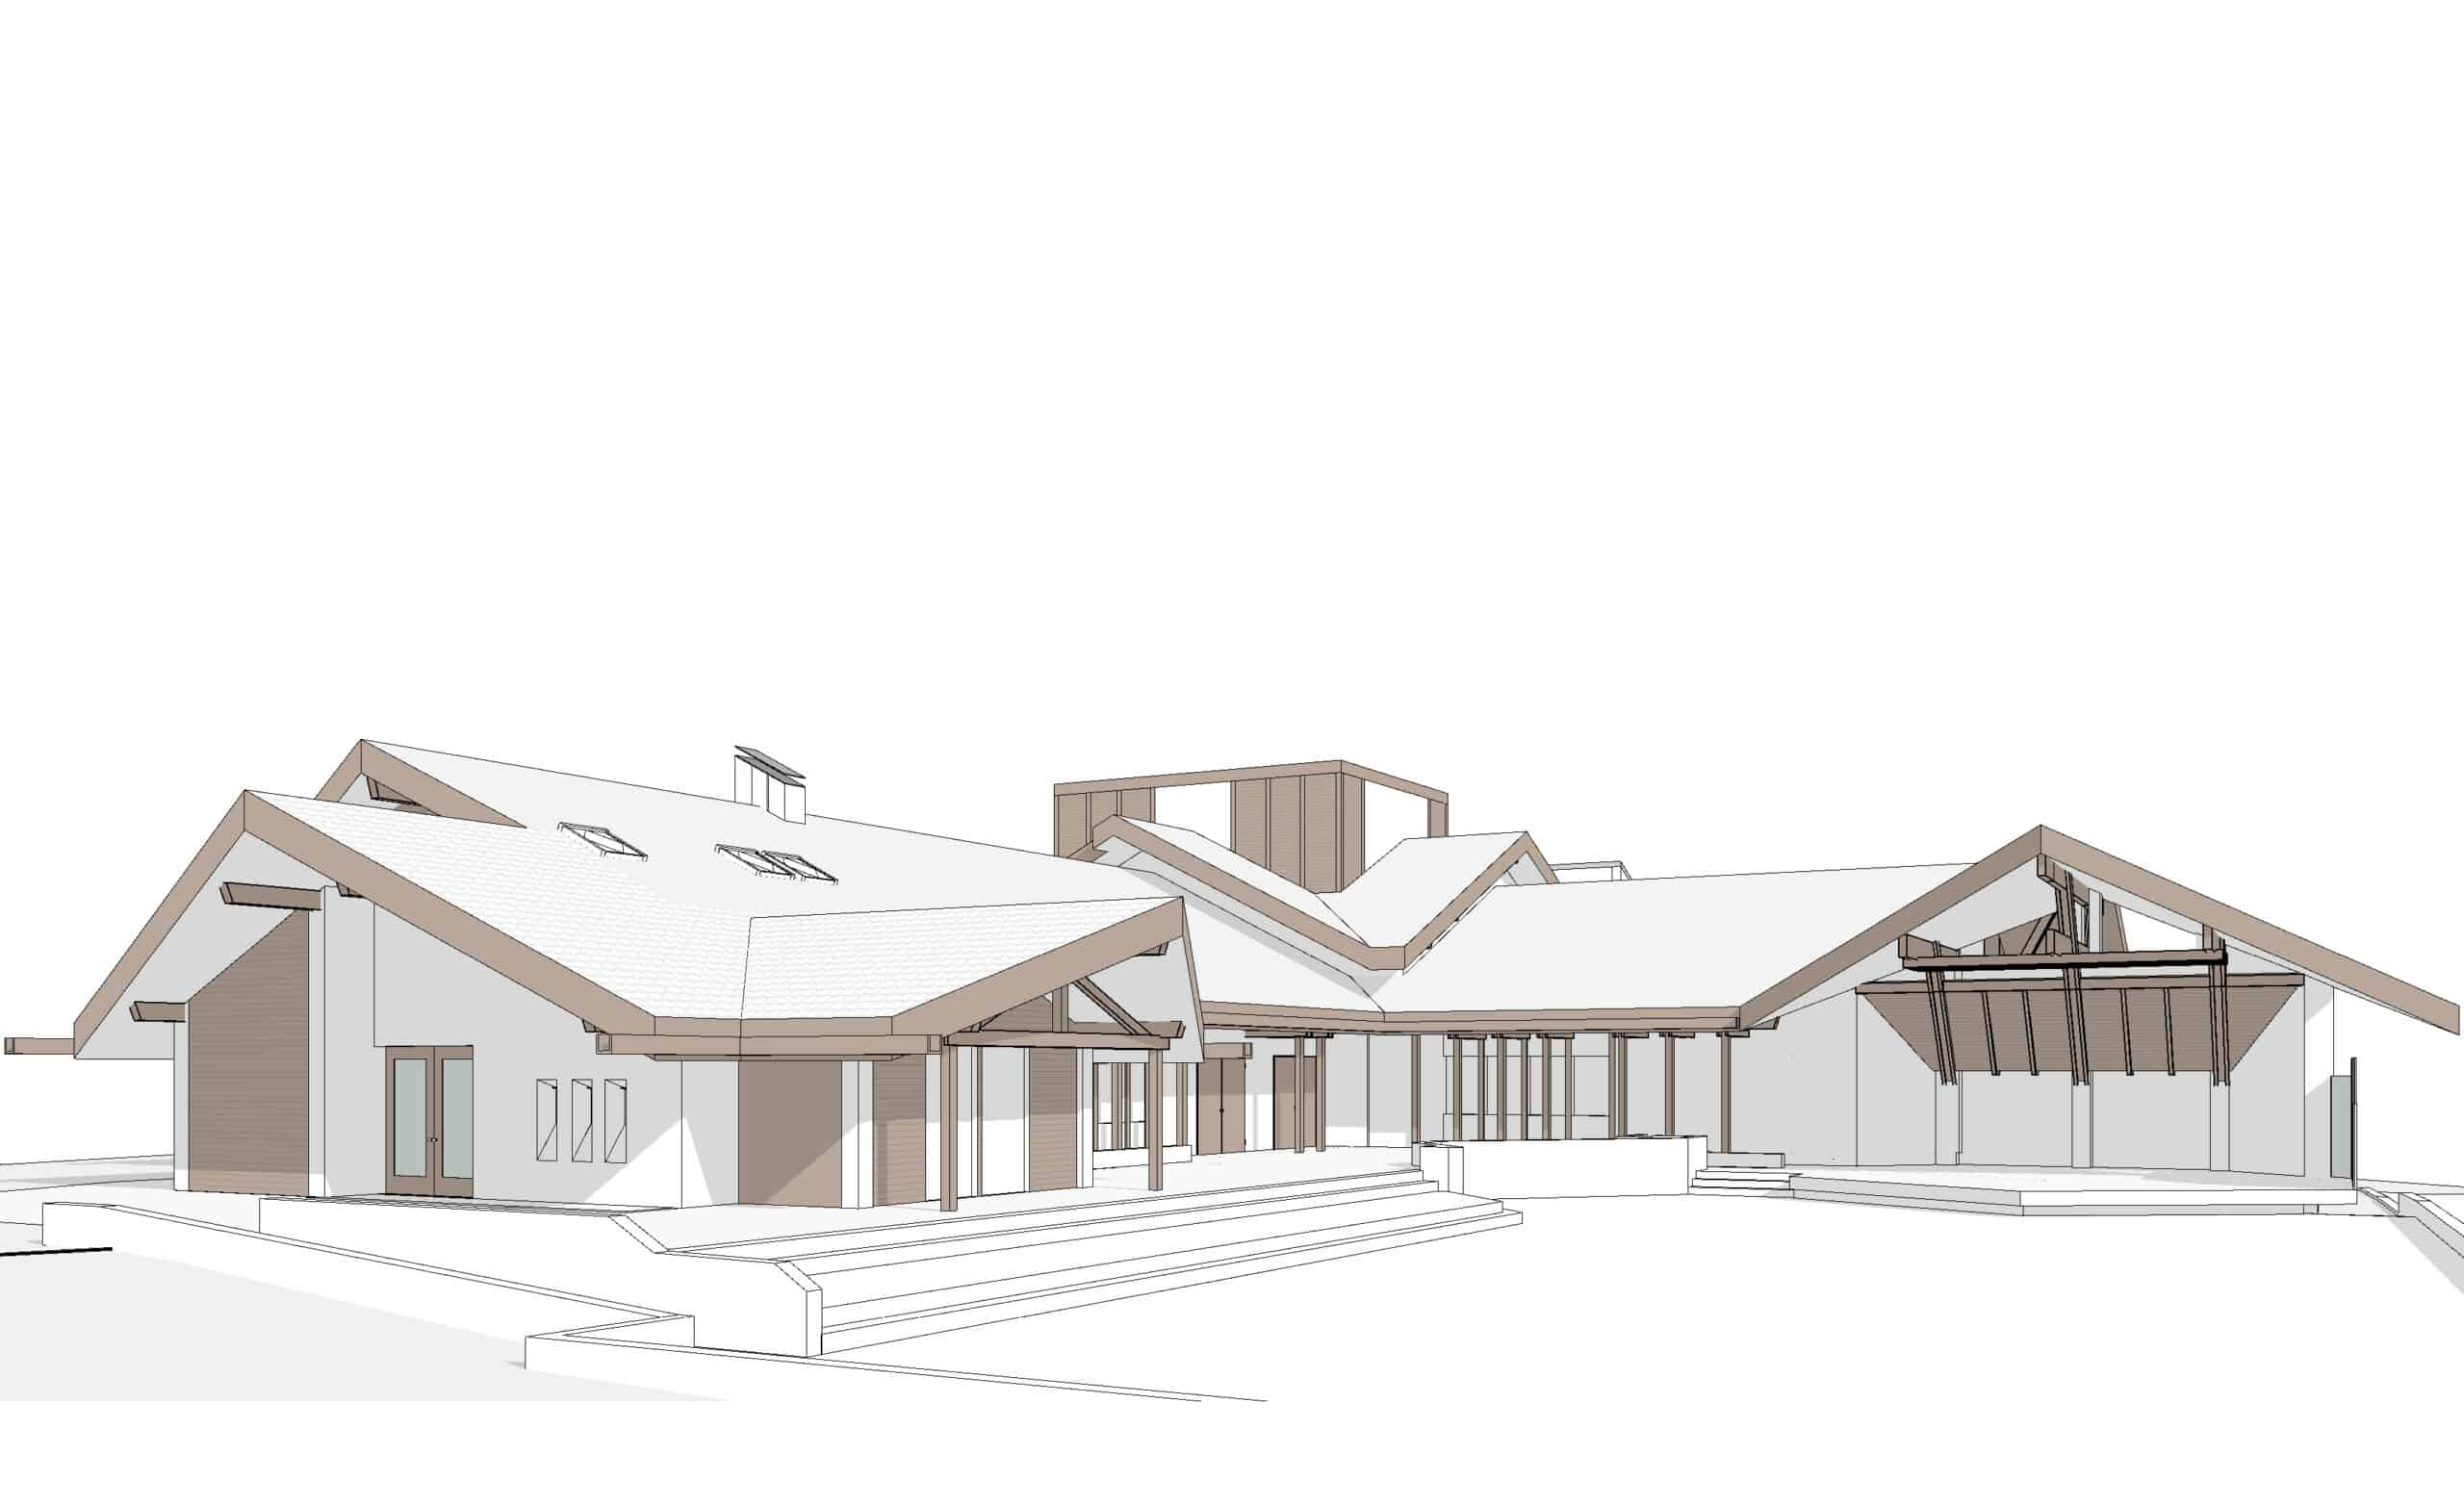 1093_Architekt-Niedermair-Ivan-Rasen-Antholz-Mittertal_1